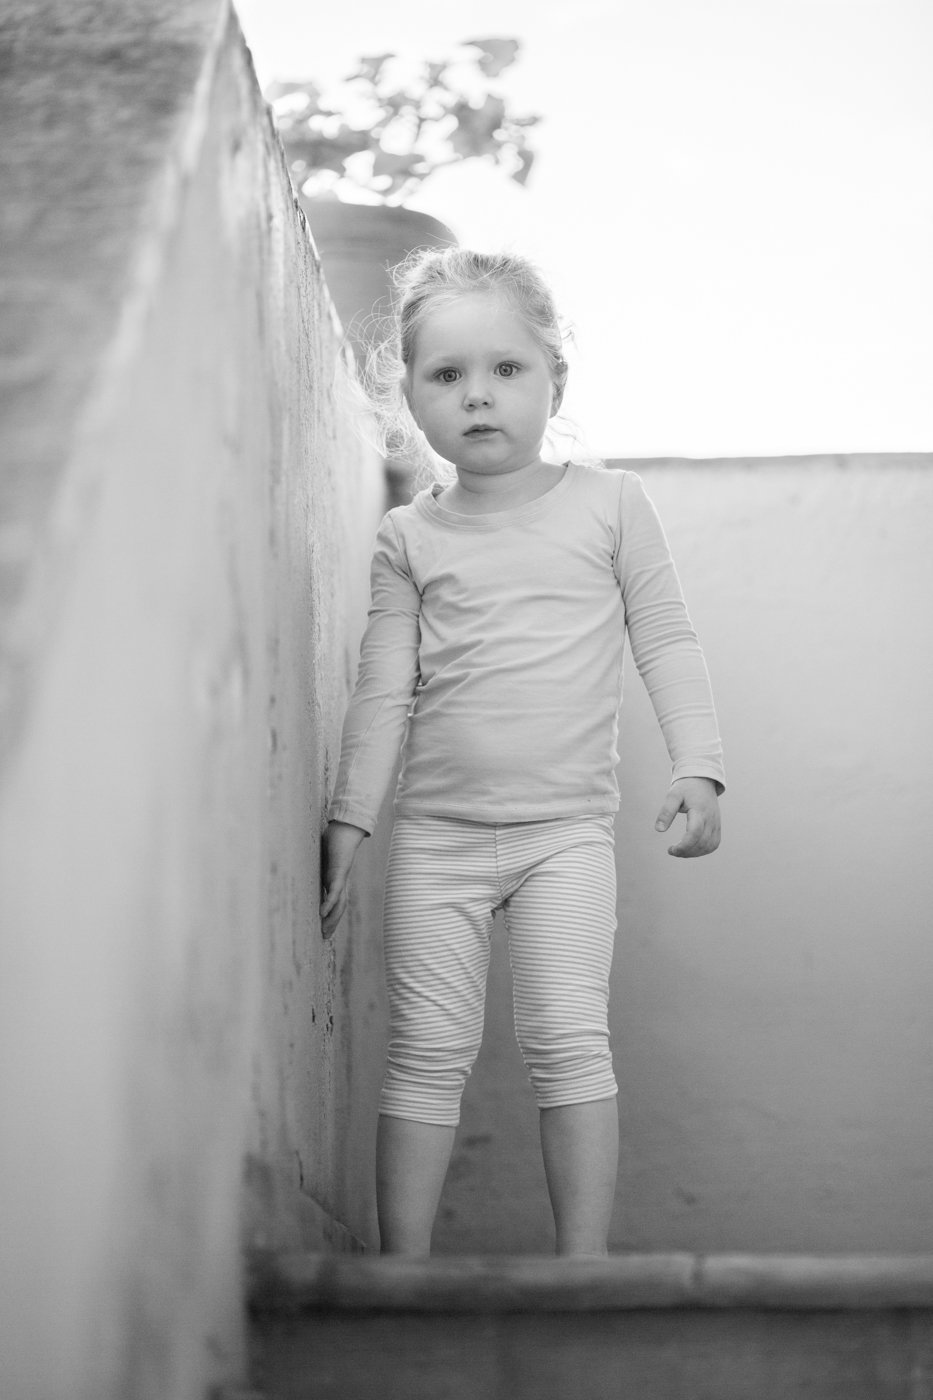 portretfoto jong kind bij trap - © Janneke Walter, kinderfotograaf omgeving Utrecht